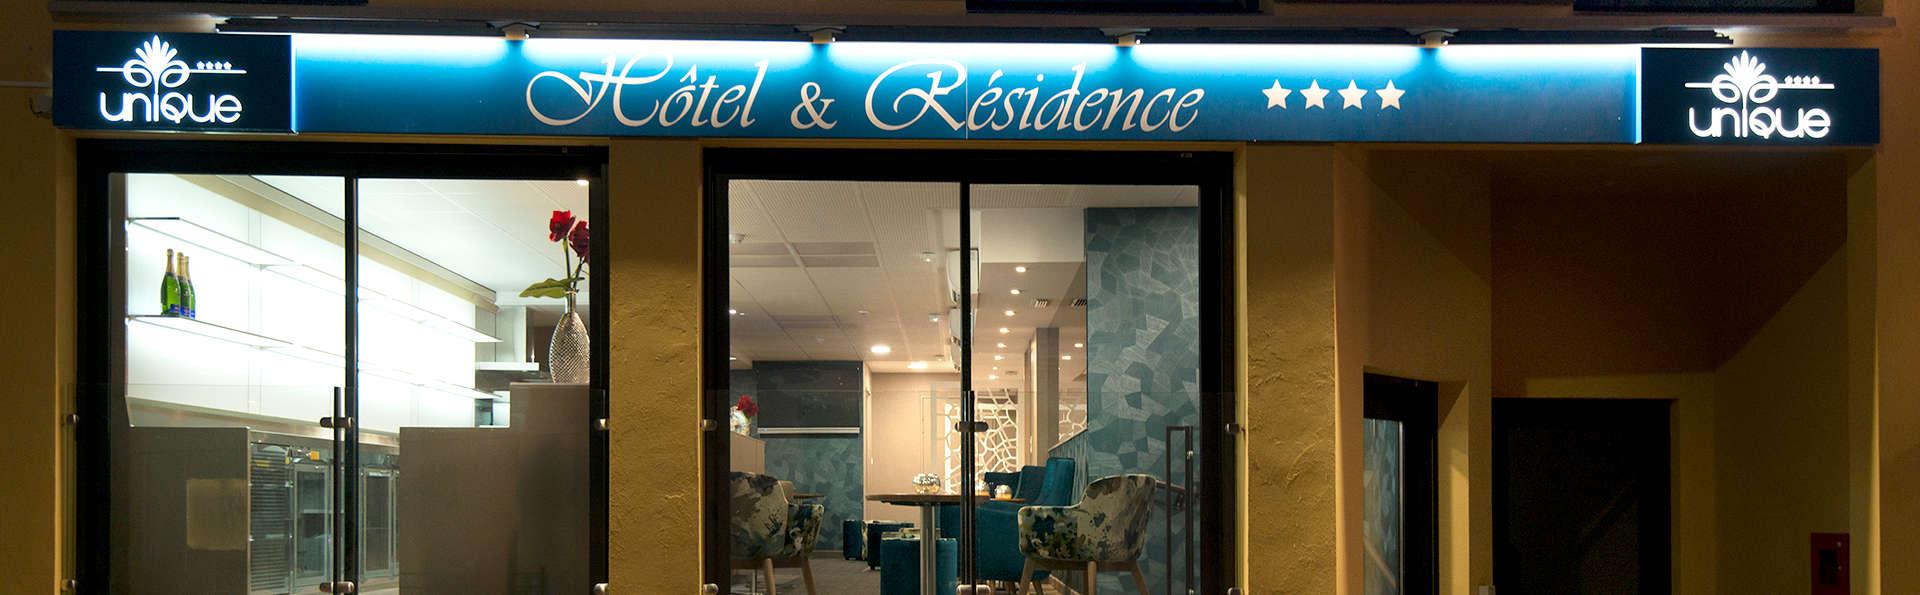 Unique Hôtels & Résidences - Edit_Front.jpg